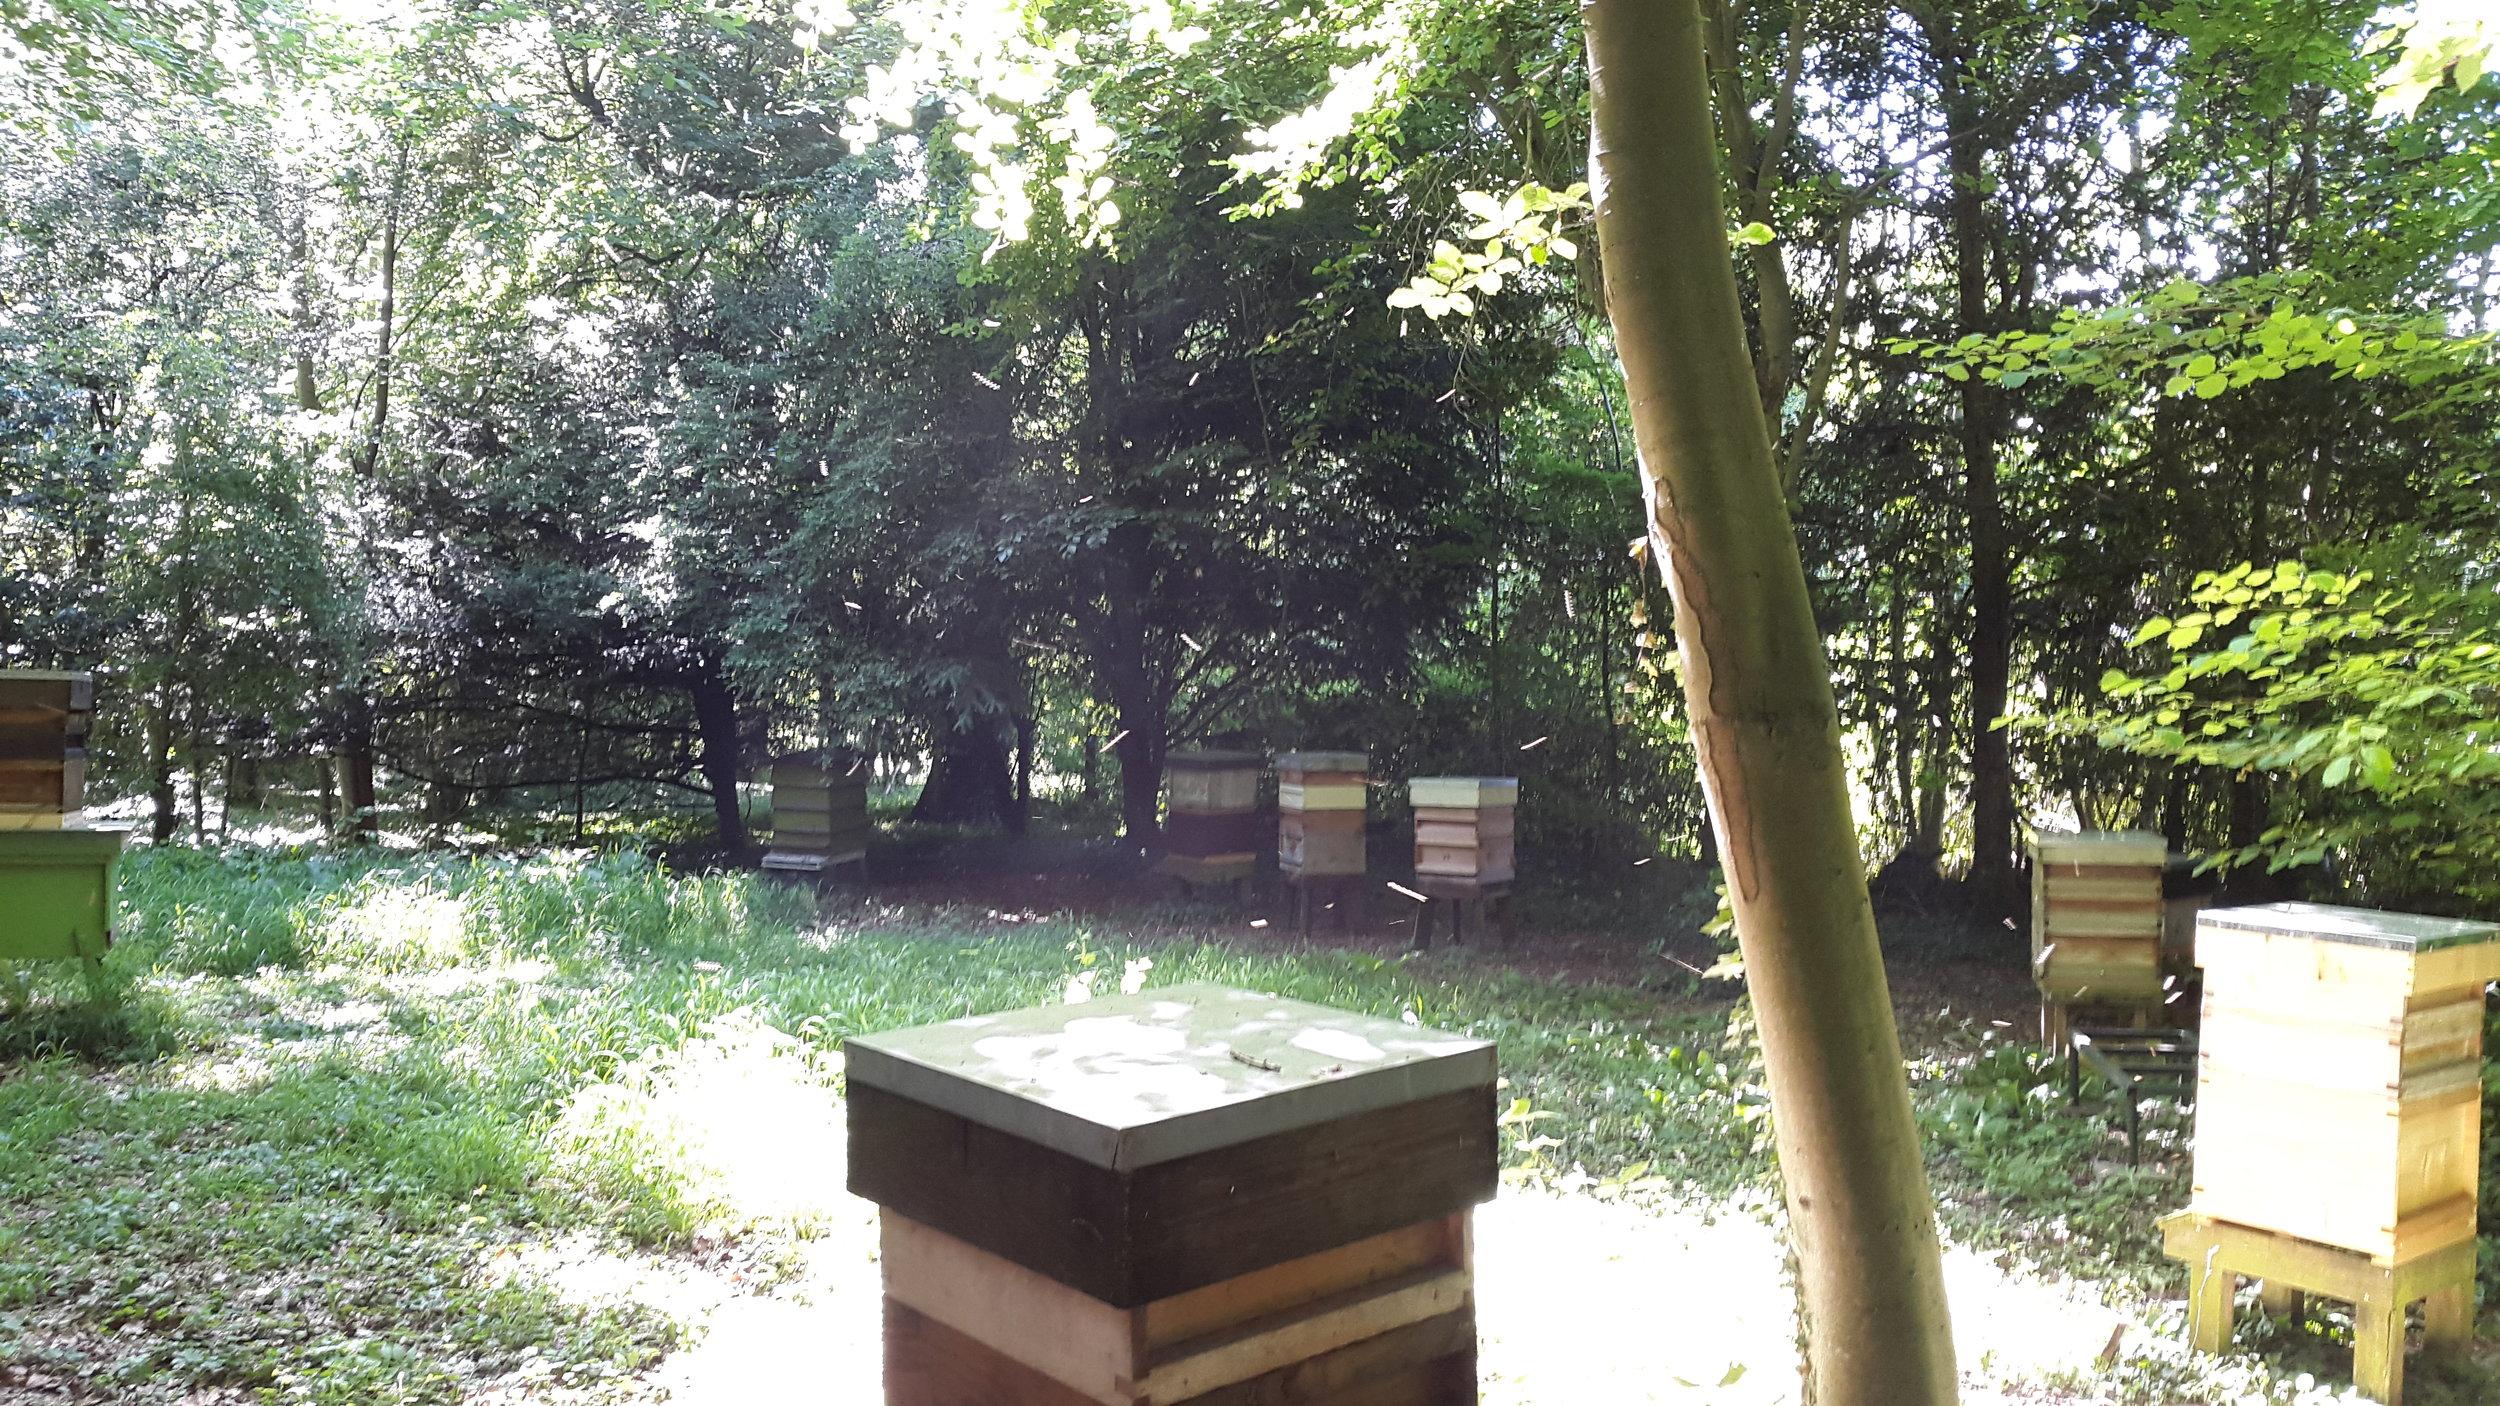 Wandlebury apiary